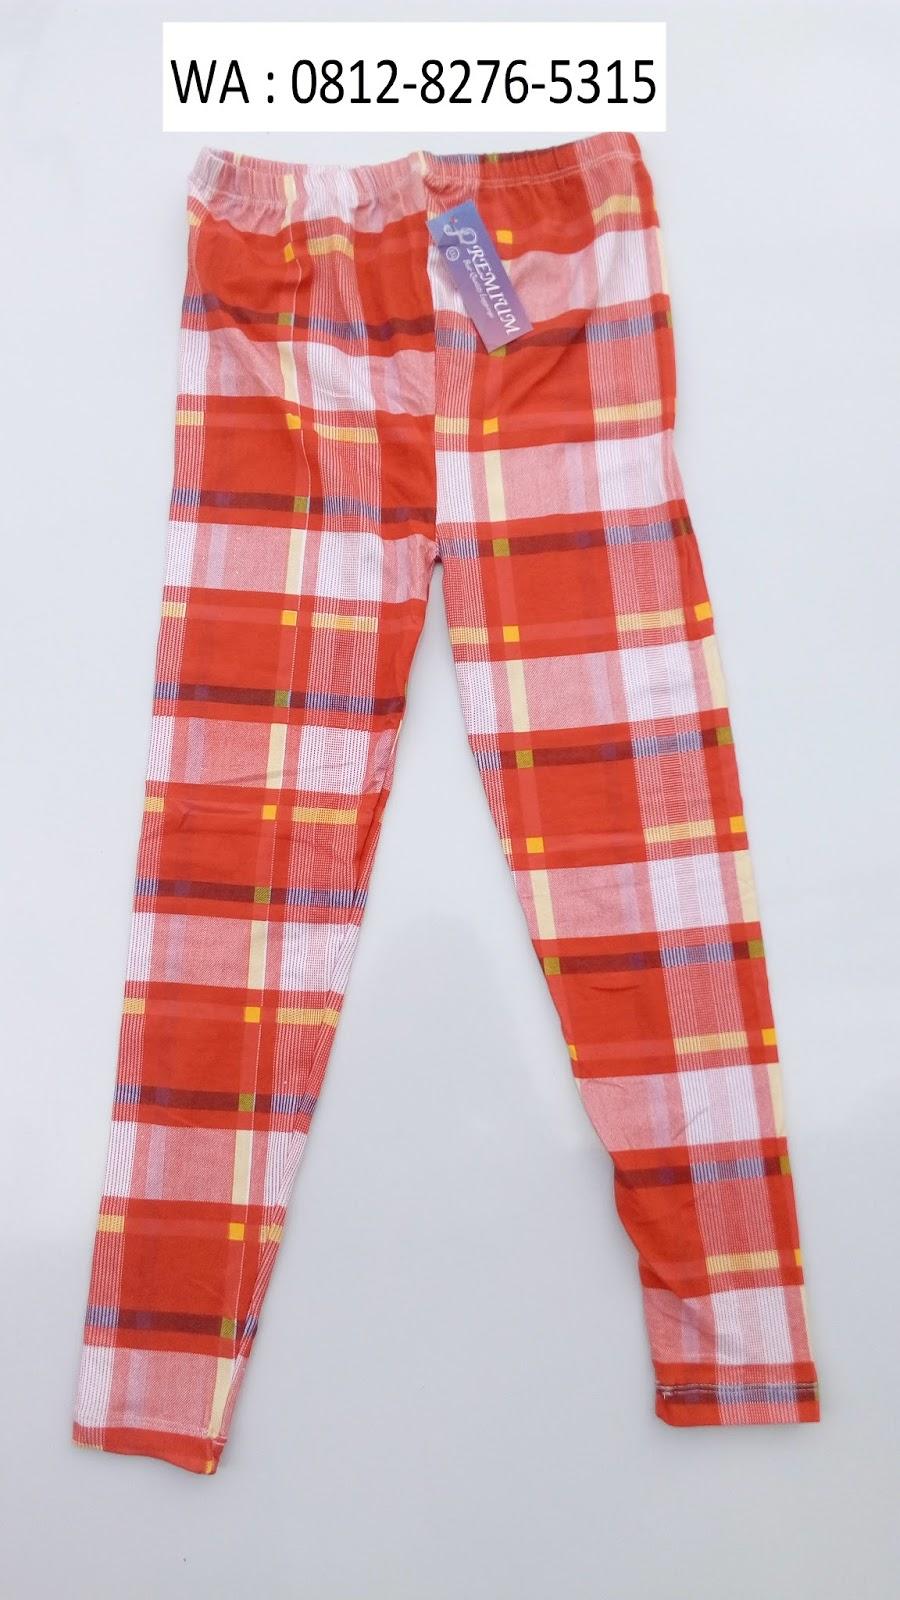 Grosir Wa 081282765315 Legging Anak 5000 Setelan Baju Perempuan Import Supplier Batam Jual Di Surabaya